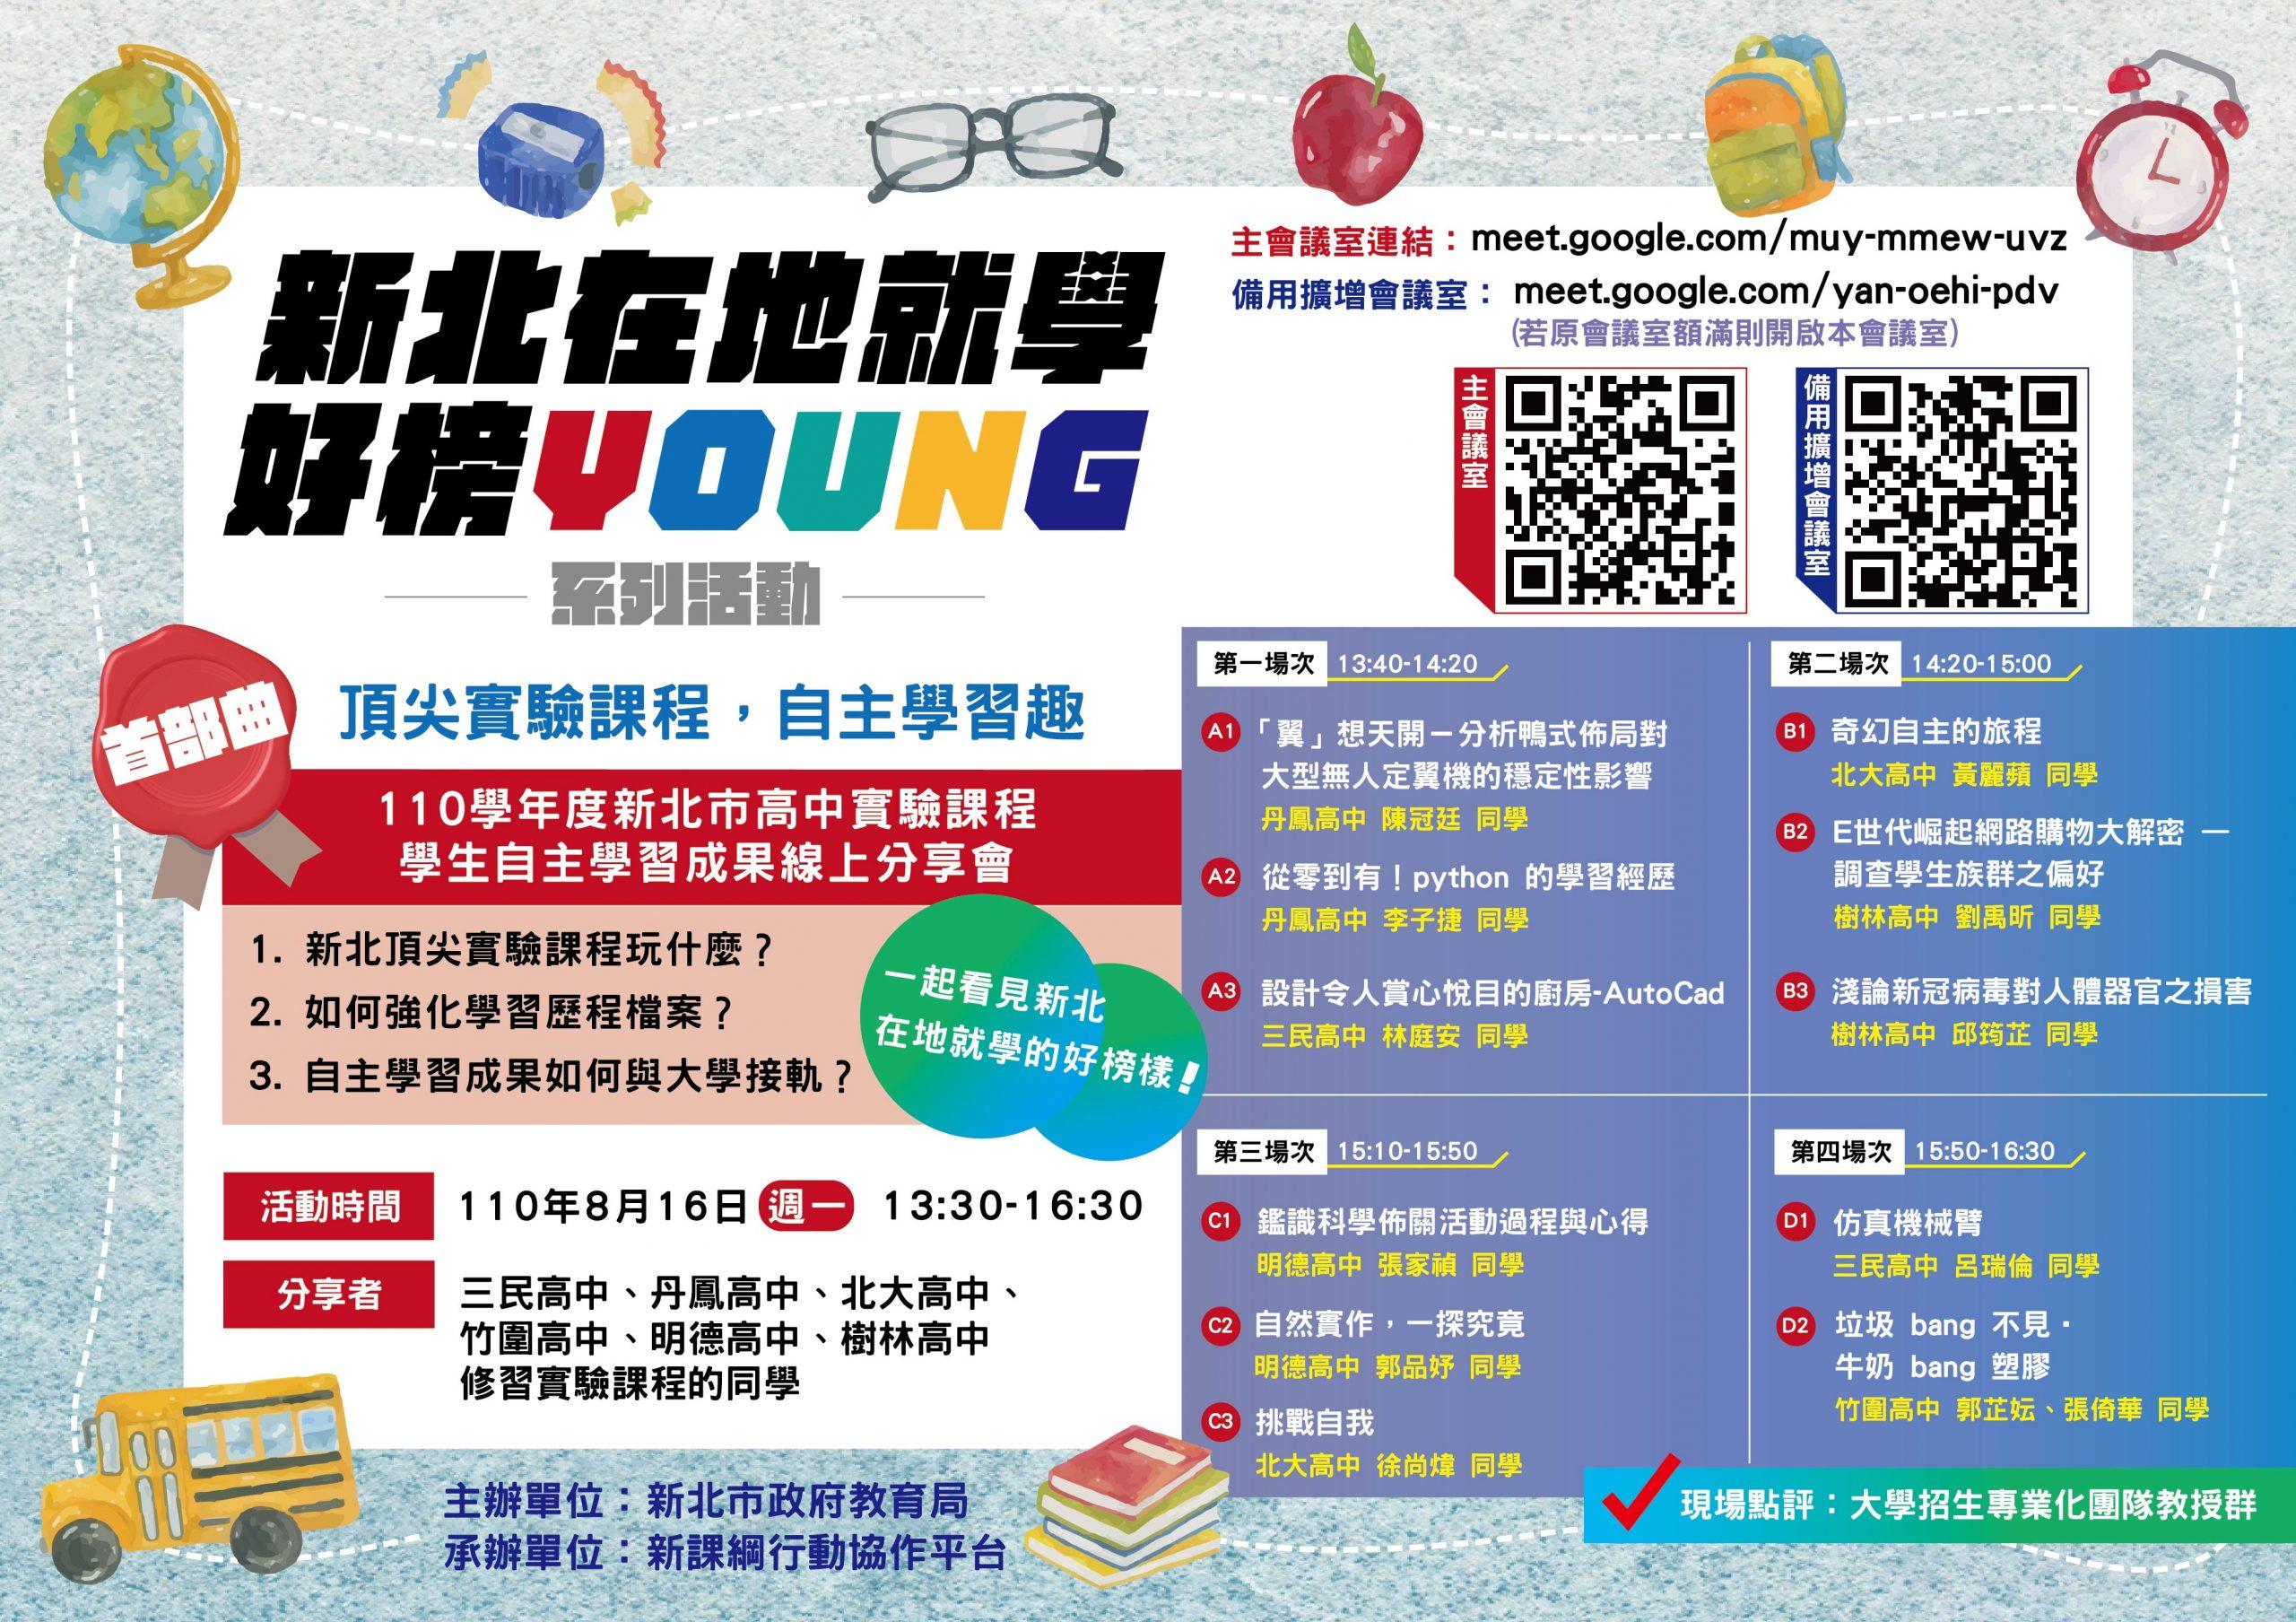 110-08-16 舉辦自主學習線上成果發表視訊會議